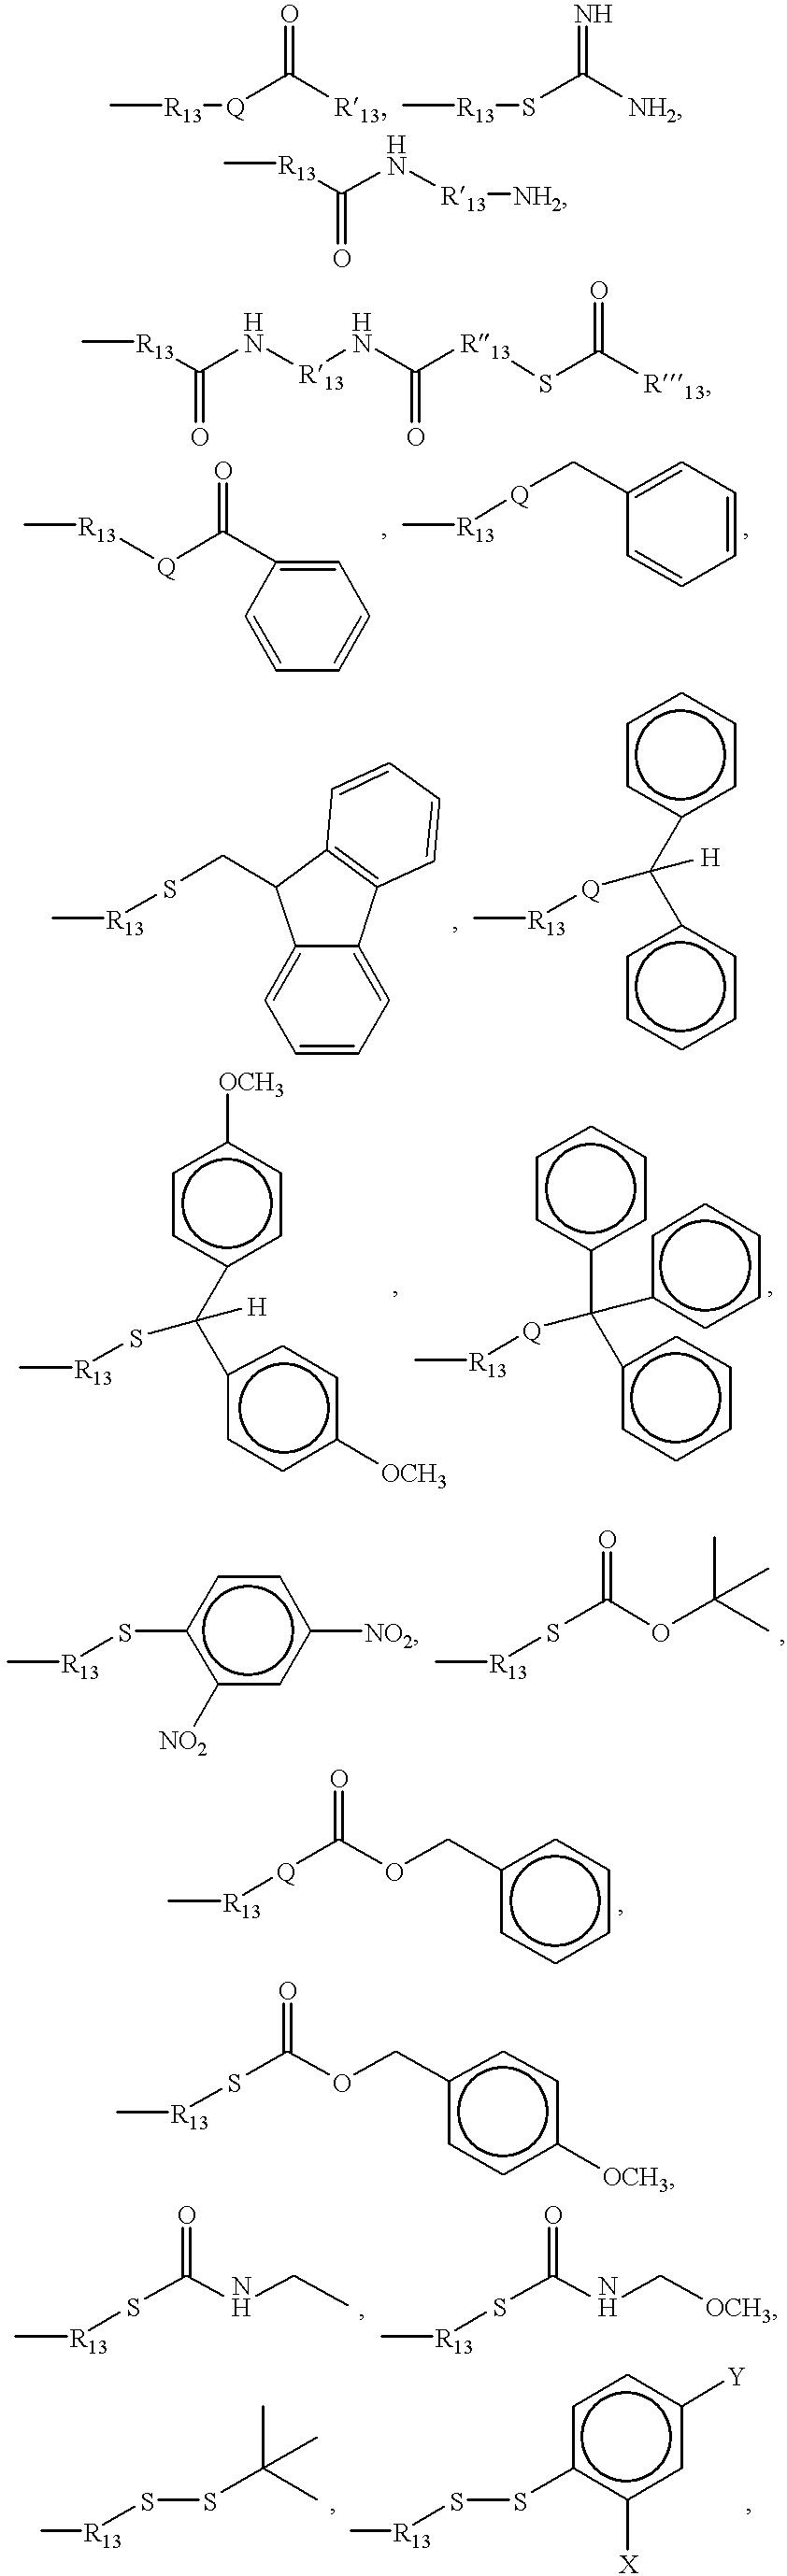 Figure US06437141-20020820-C00008